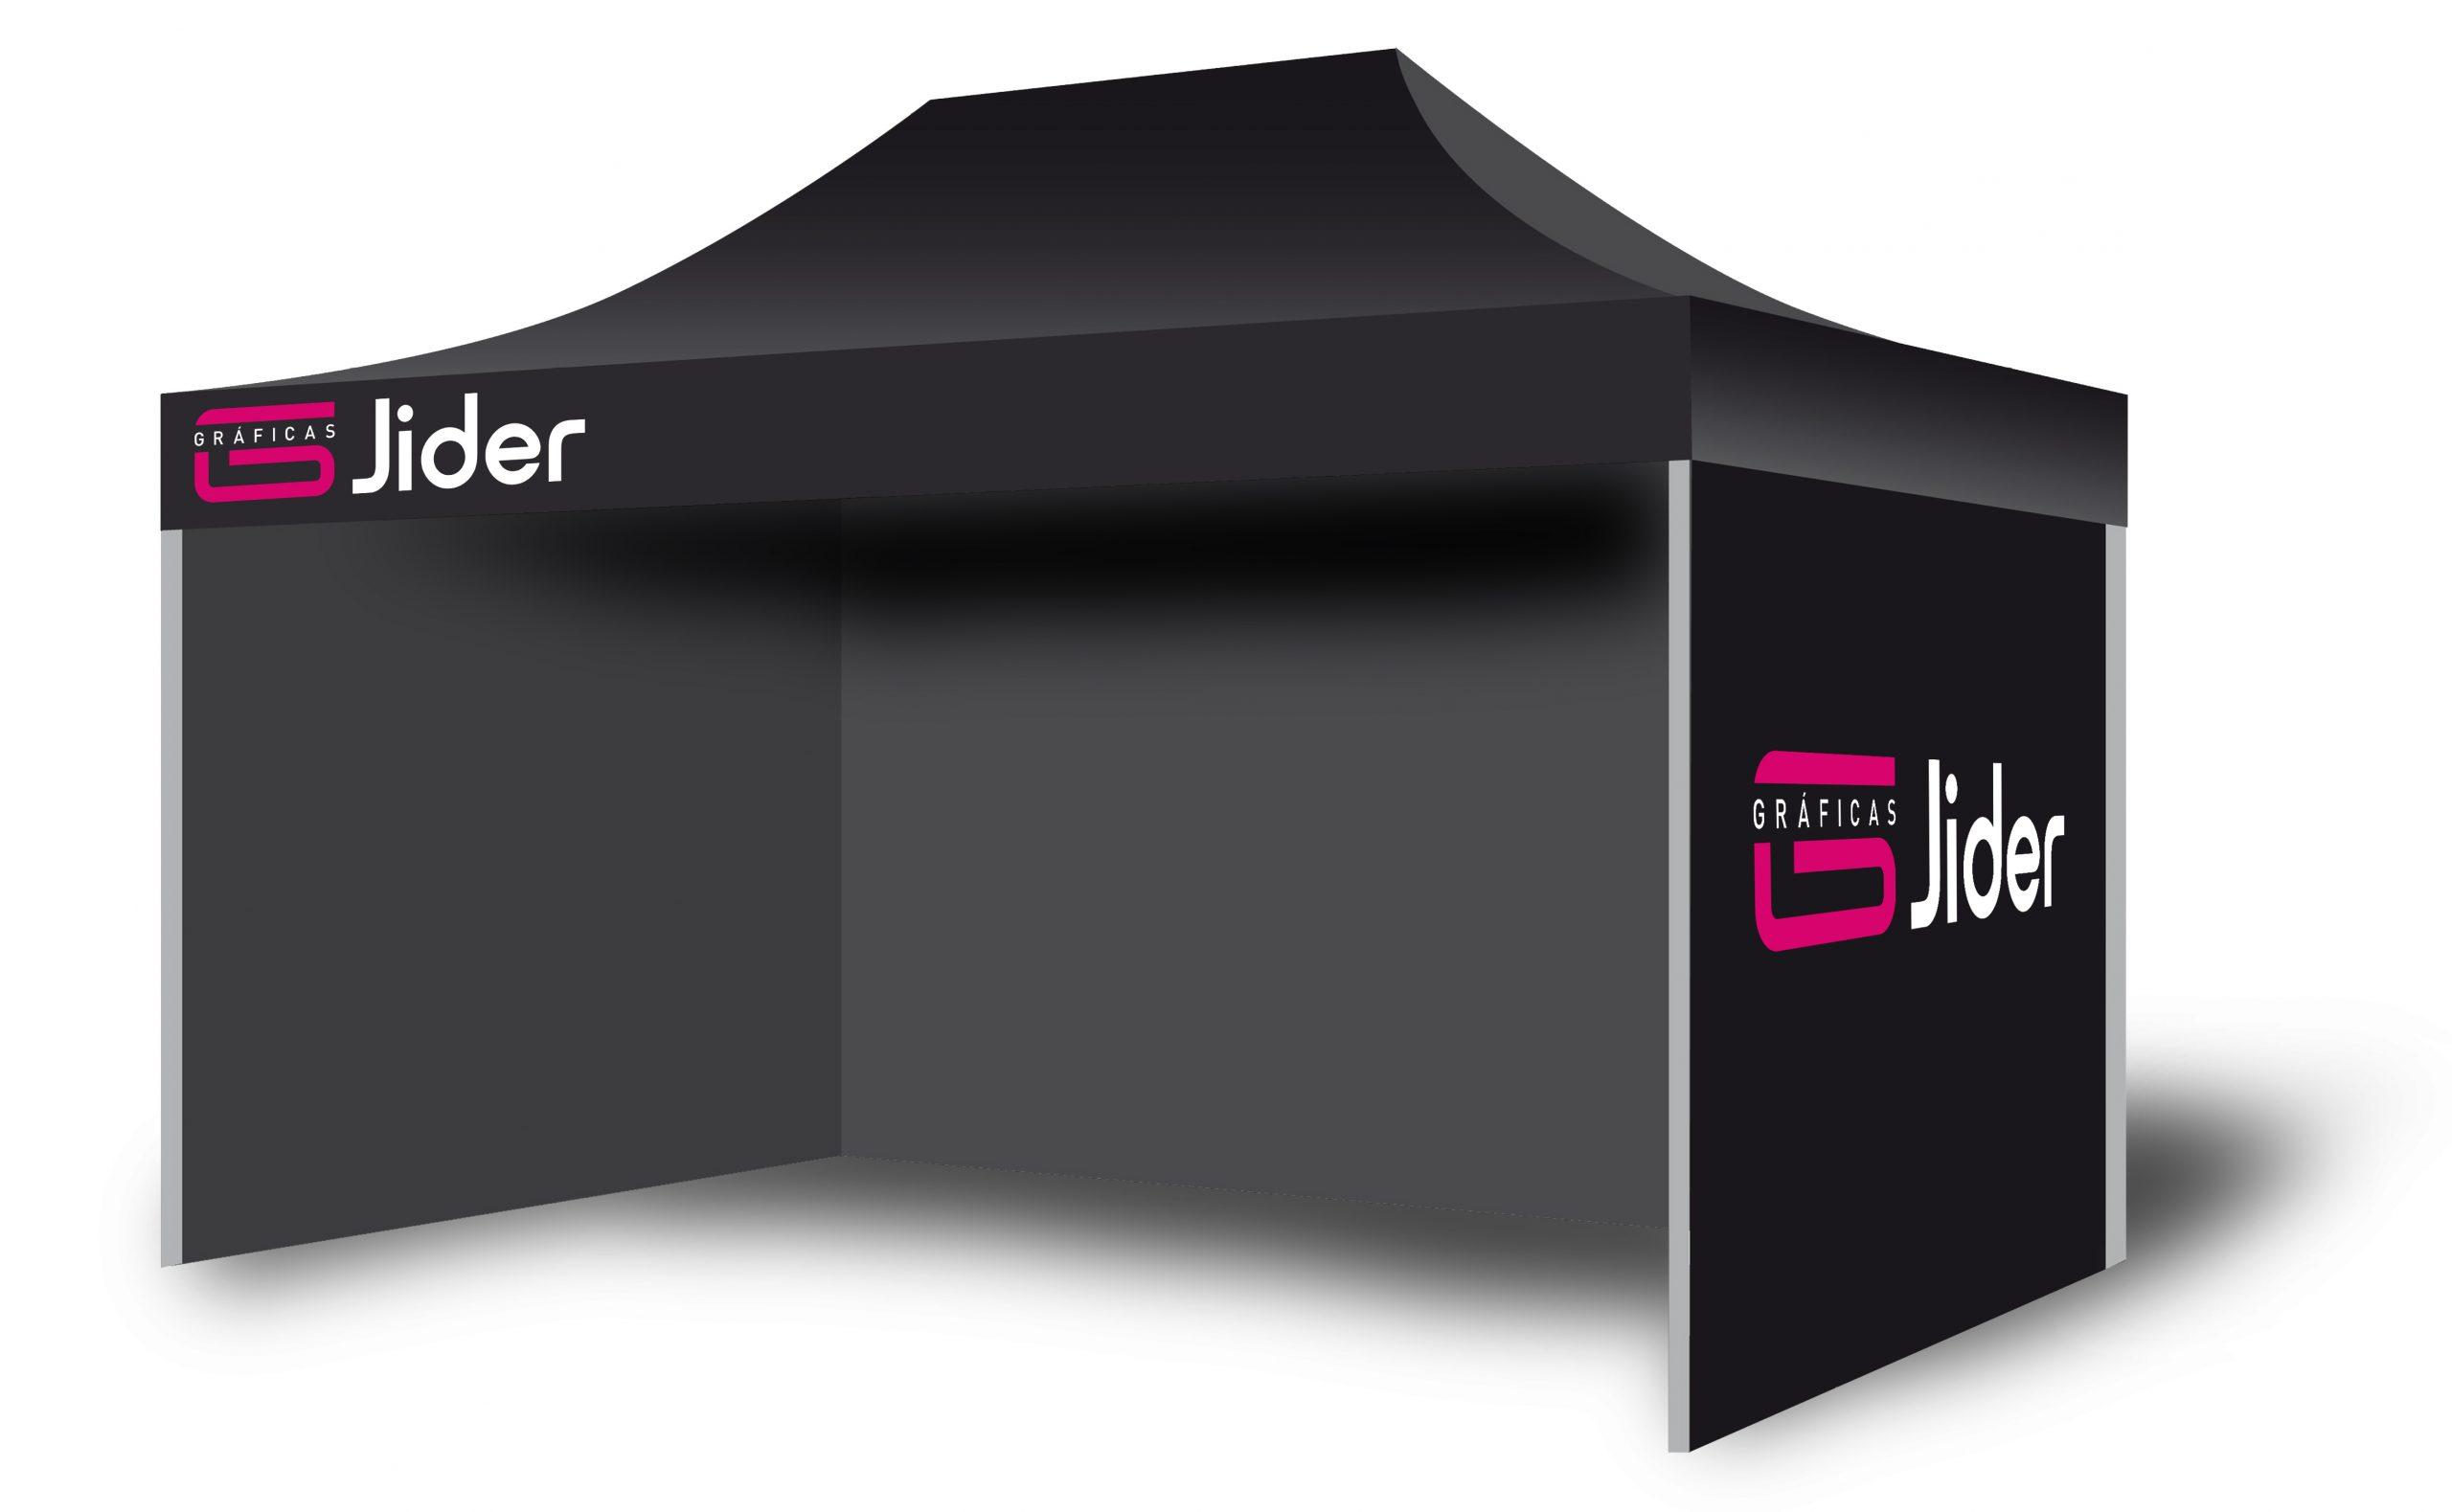 graficas-jider-servicios-mobiliario